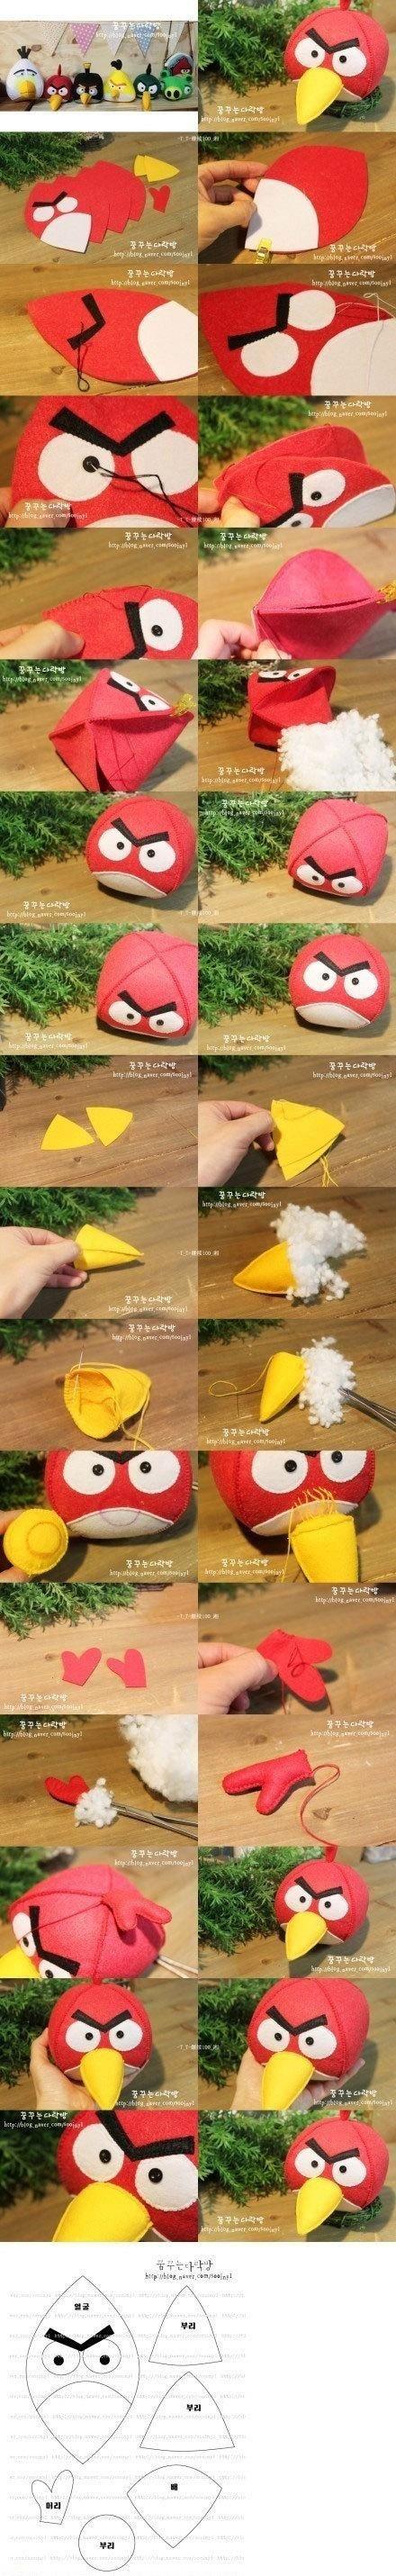 Pássaro com raiva, modelos não-tecidos tridimensionais bonecas.  So cute.  biu biu ~ ~ ~ [A bolas do grupo]